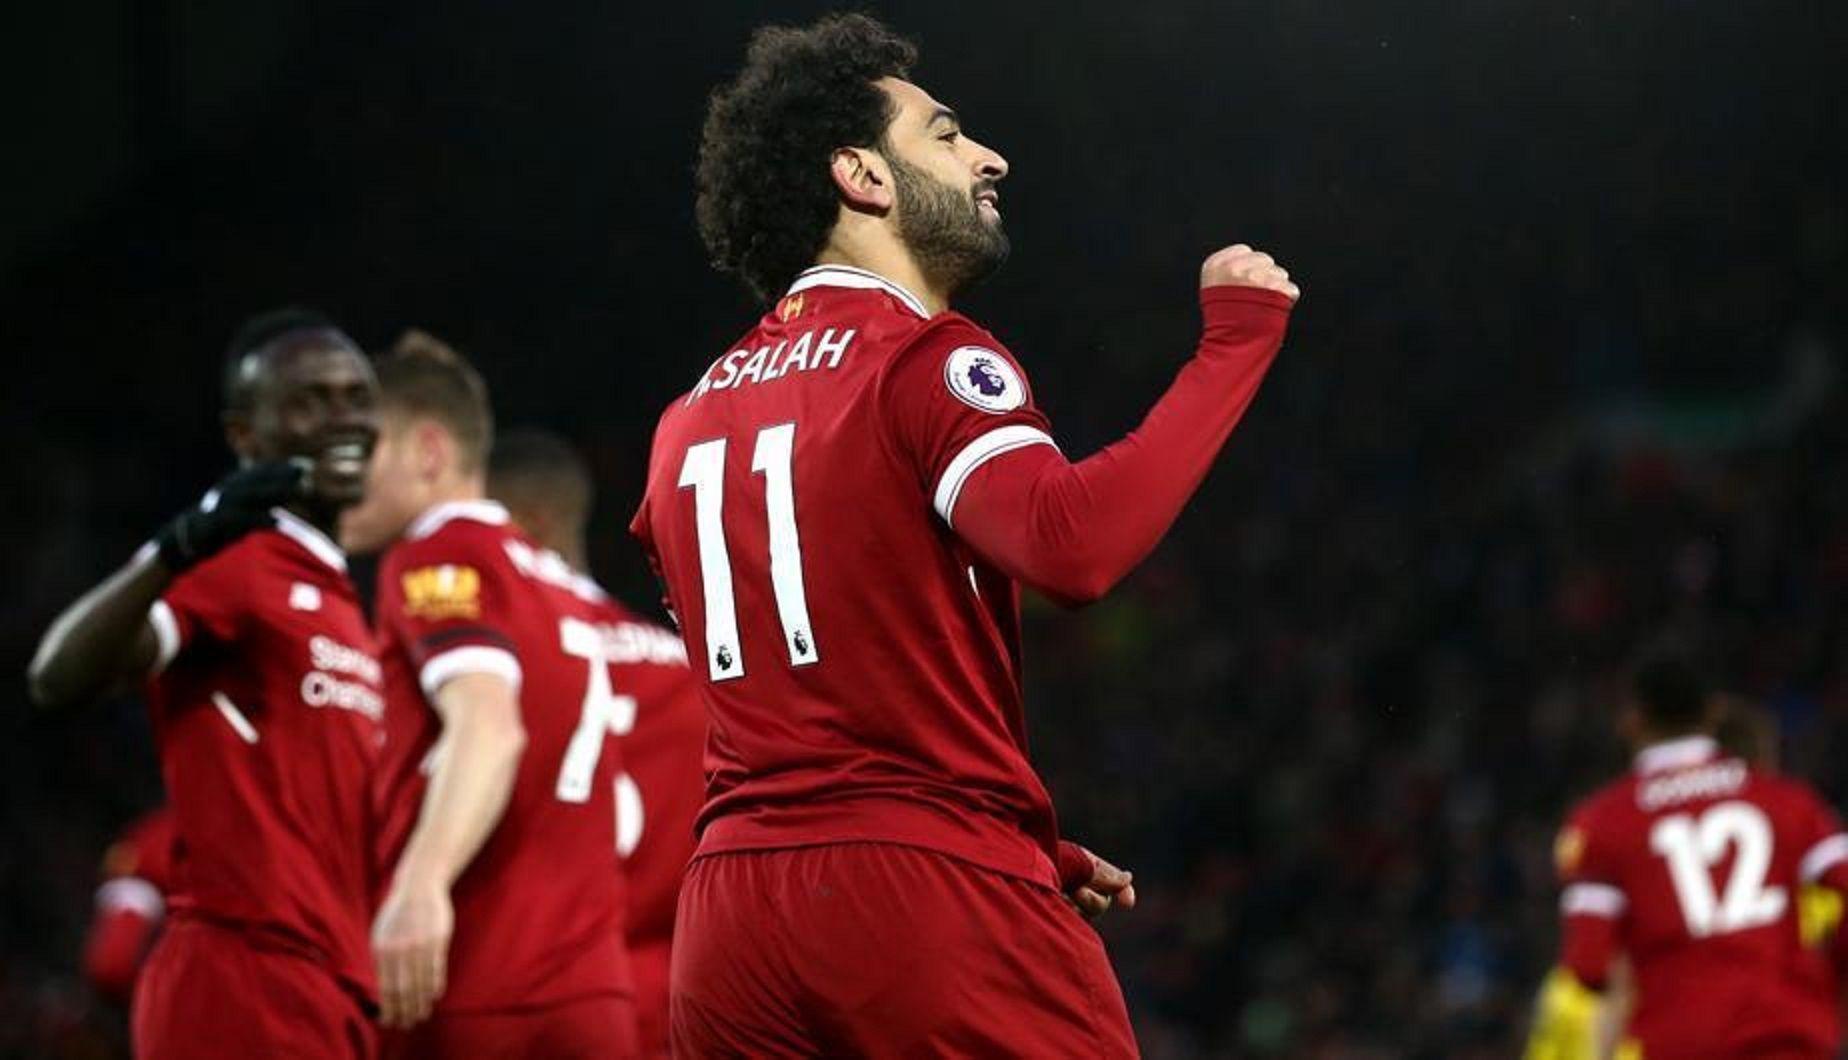 Preocupación: el egipcio Mohammed Salah llegará a Rusia 2018 en ayunas